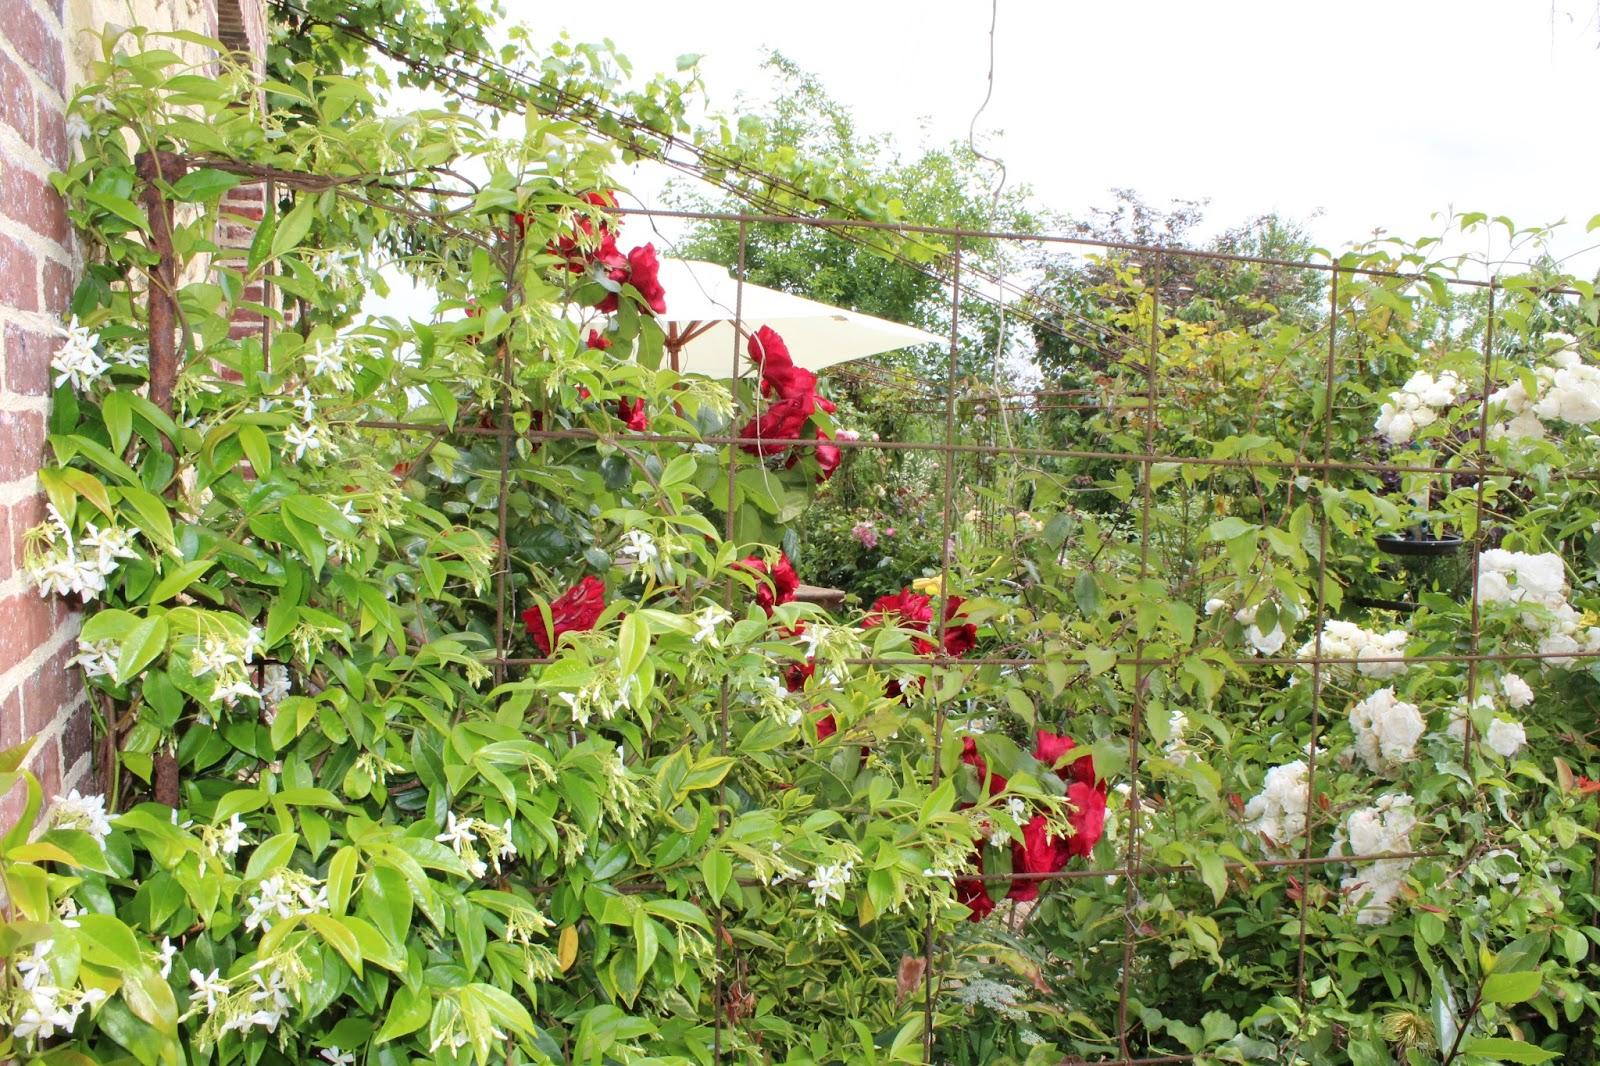 chambres d 39 h tes au jardin des violettes parfum de juin trachelospermum jasmino de. Black Bedroom Furniture Sets. Home Design Ideas